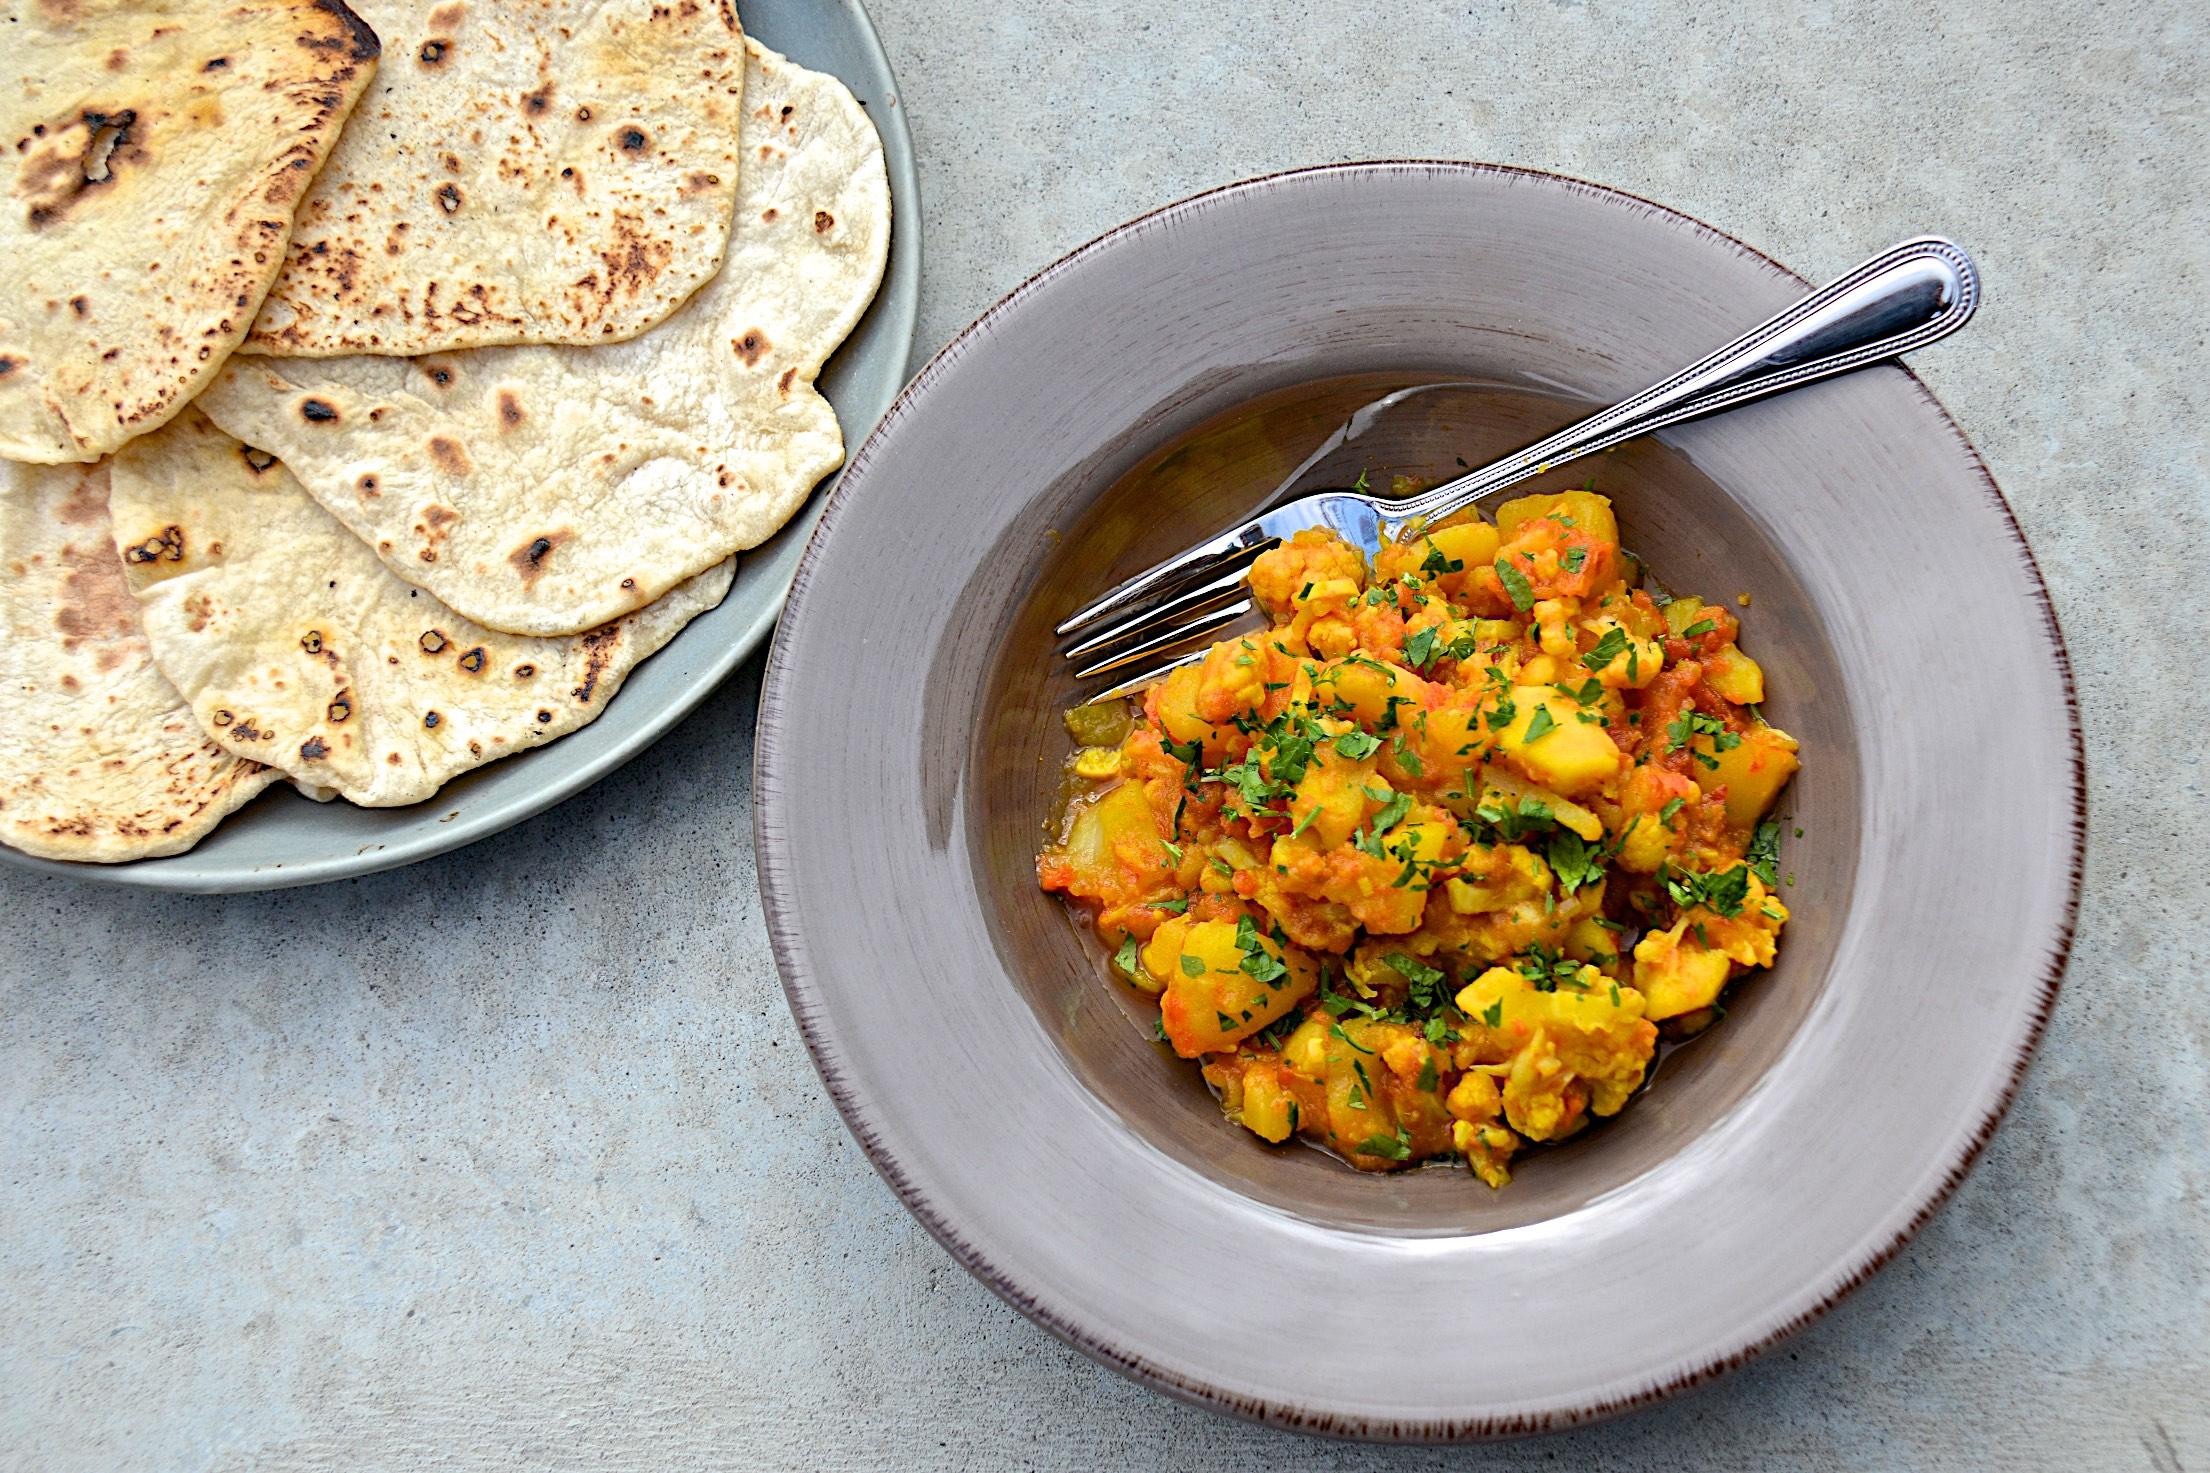 Aloo gobi with Indian roti